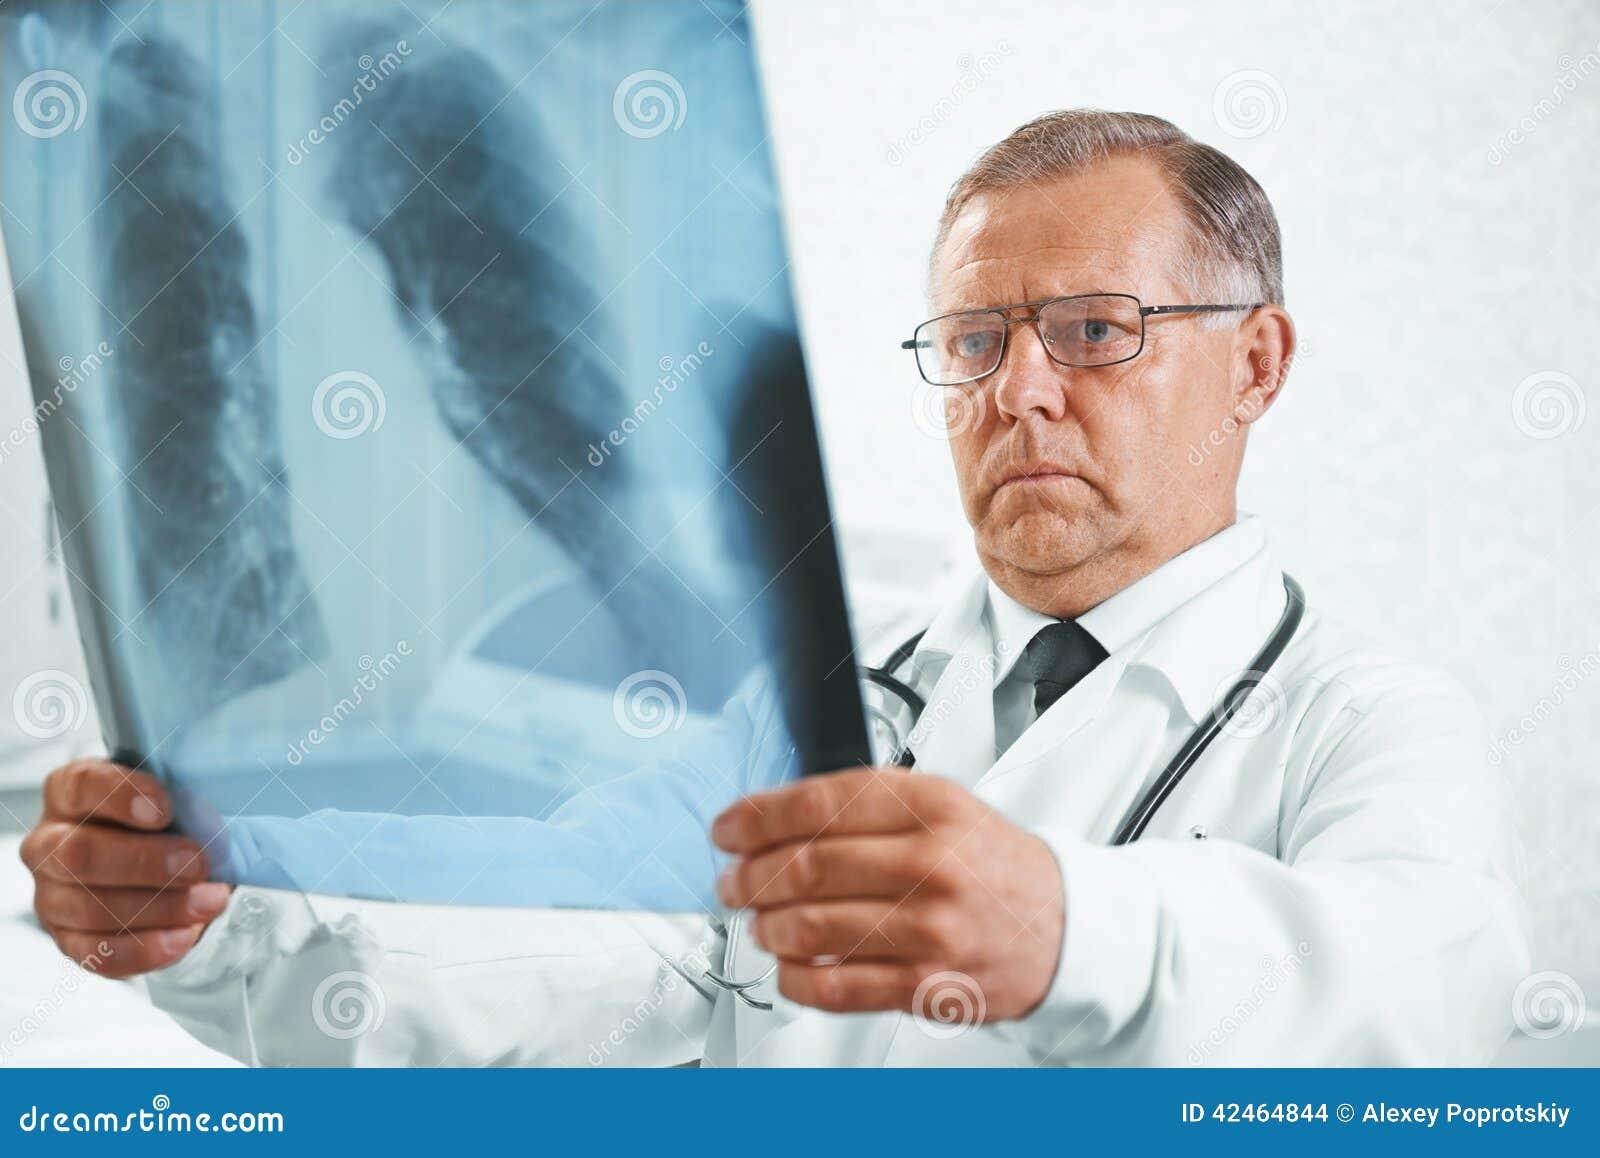 Älterer Doktor überprüft Röntgenstrahlbild von Lungen